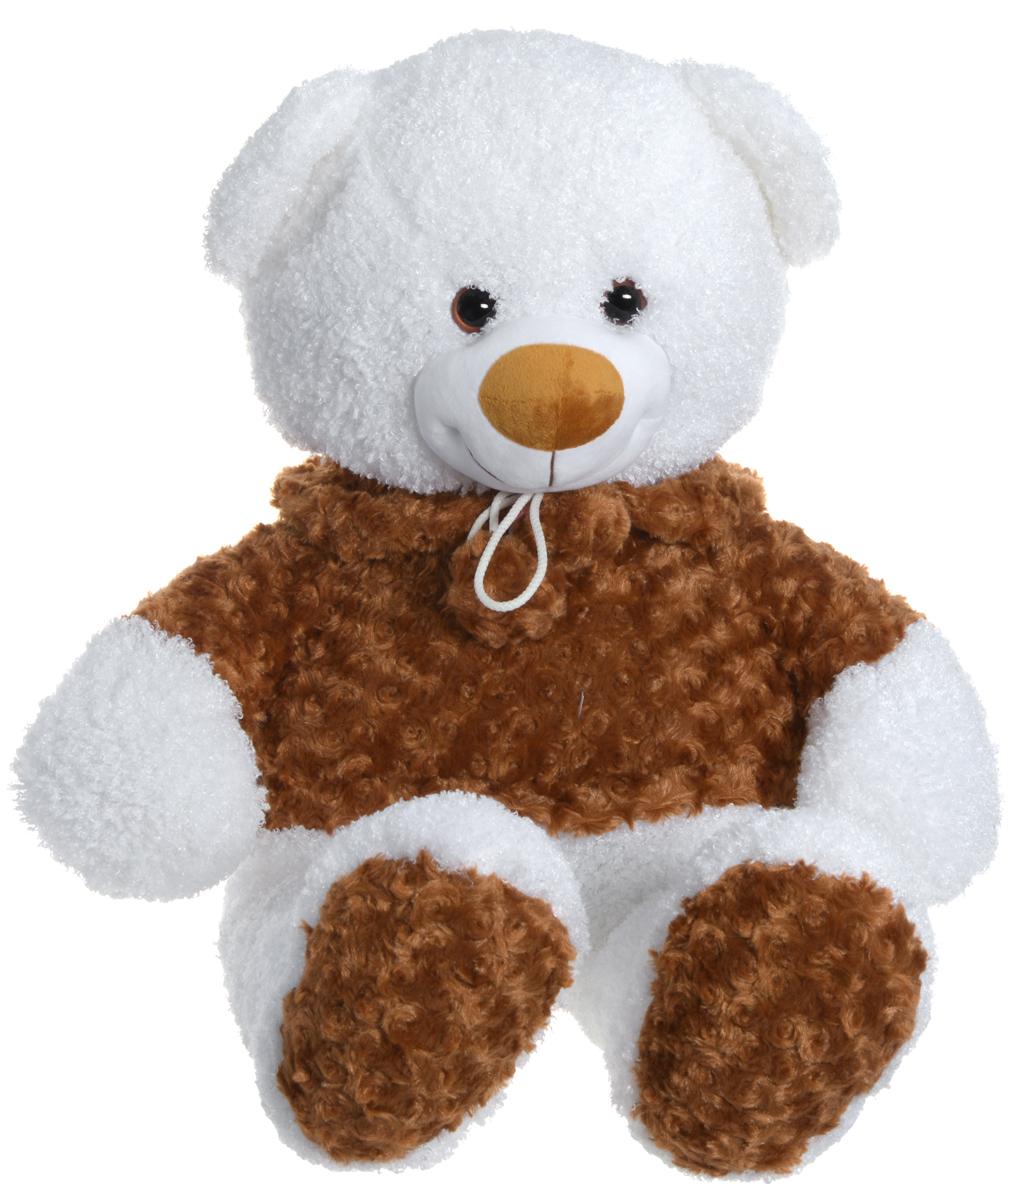 СмолТойс Мягкая игрушка Мишка в кофточке 50 см1647/БЕЛ/80Мягкая игрушка СмолТойс Мишка в кофточке не оставит равнодушным ни ребенка, ни взрослого и вызовет улыбку у каждого, кто его увидит. Игрушка представлена в виде белого мишки, одетого в коричневую кофточку. Глазки выполнены из пластика. Необычайно мягкий, он принесет радость и подарит своему обладателю мгновения нежных объятий и приятных воспоминаний. Мягкая игрушка может стать милым подарком, а может быть и лучшим другом на все времена.